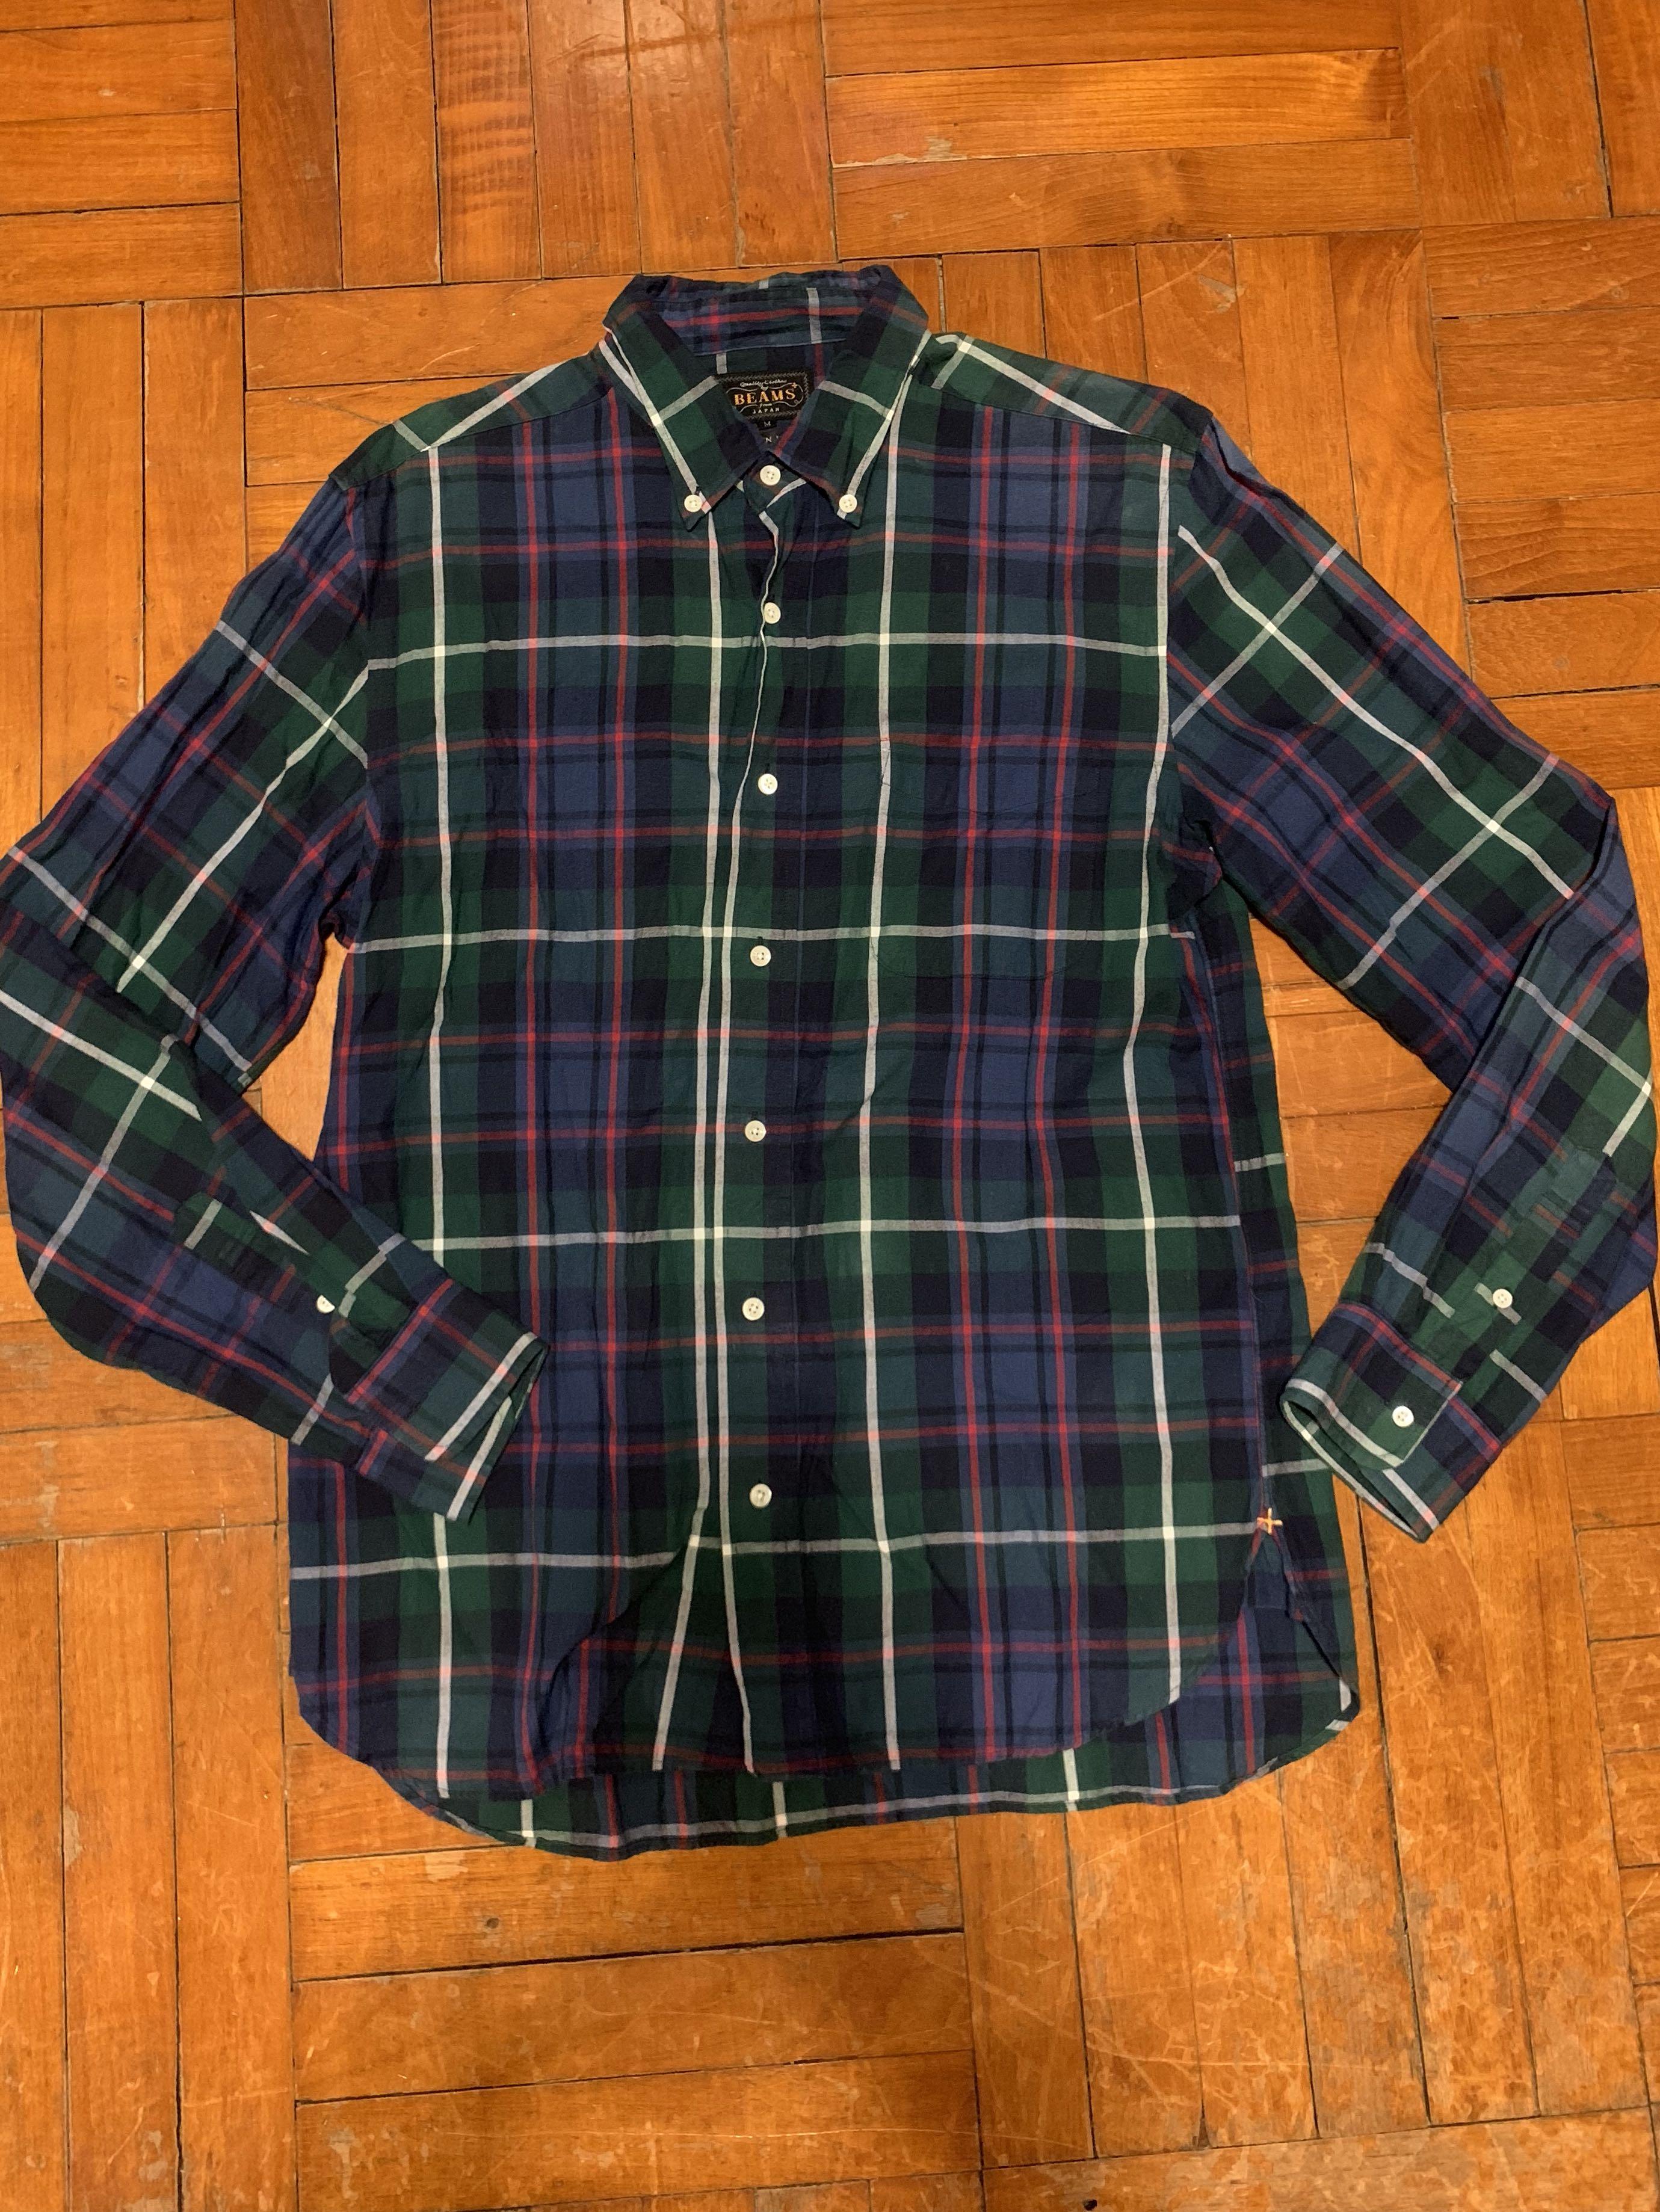 2690ca51de77a 🇯🇵beams Japan shirt size M 格仔comme supreme undercover